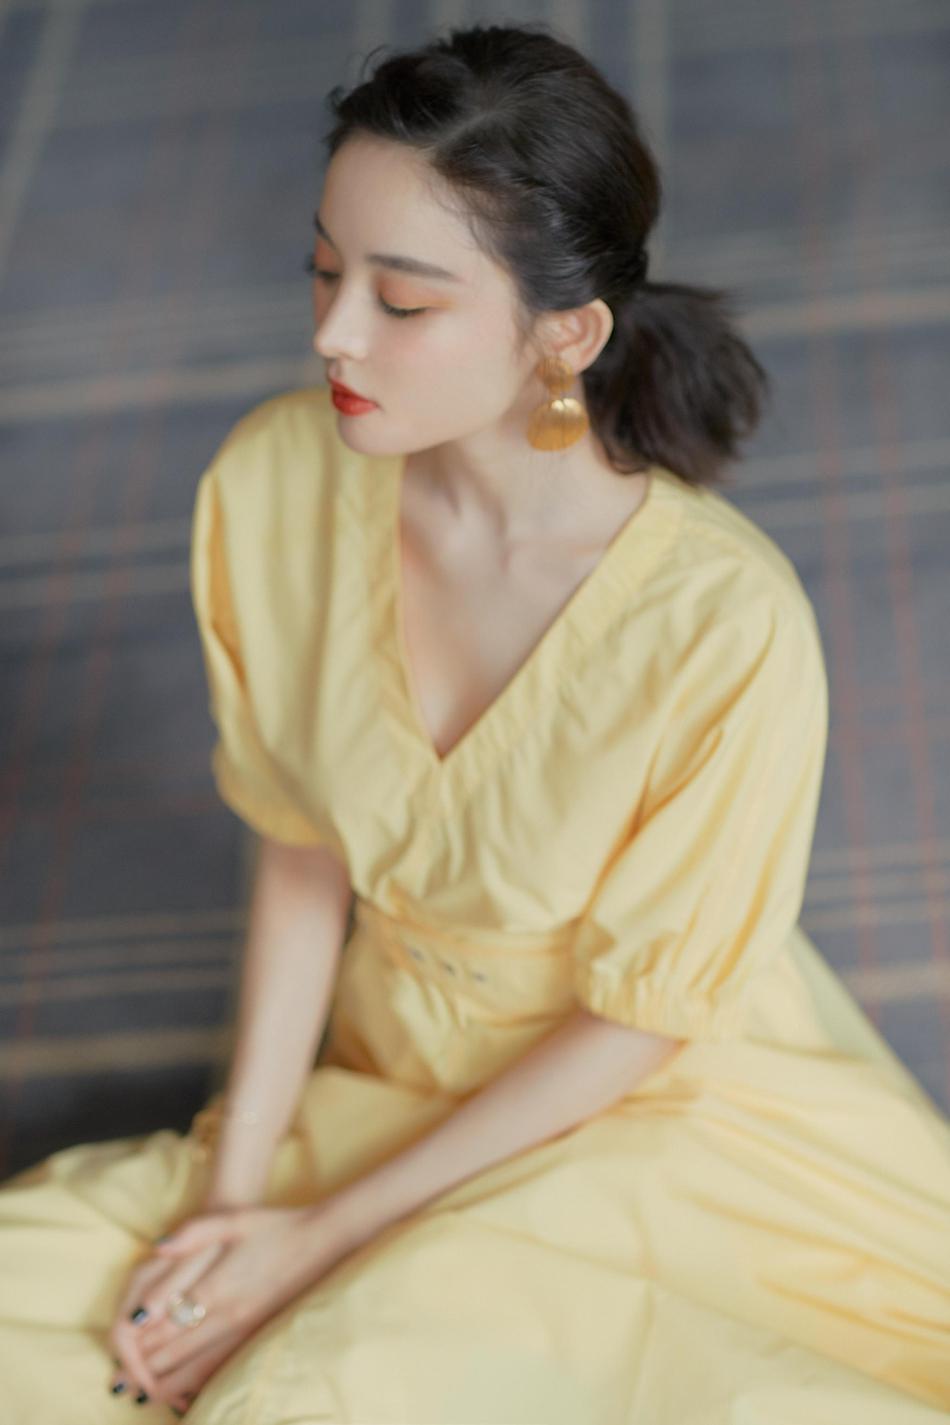 娜扎穿鹅黄色长裙配复古编发现身 清新俏皮灵动不失甜美